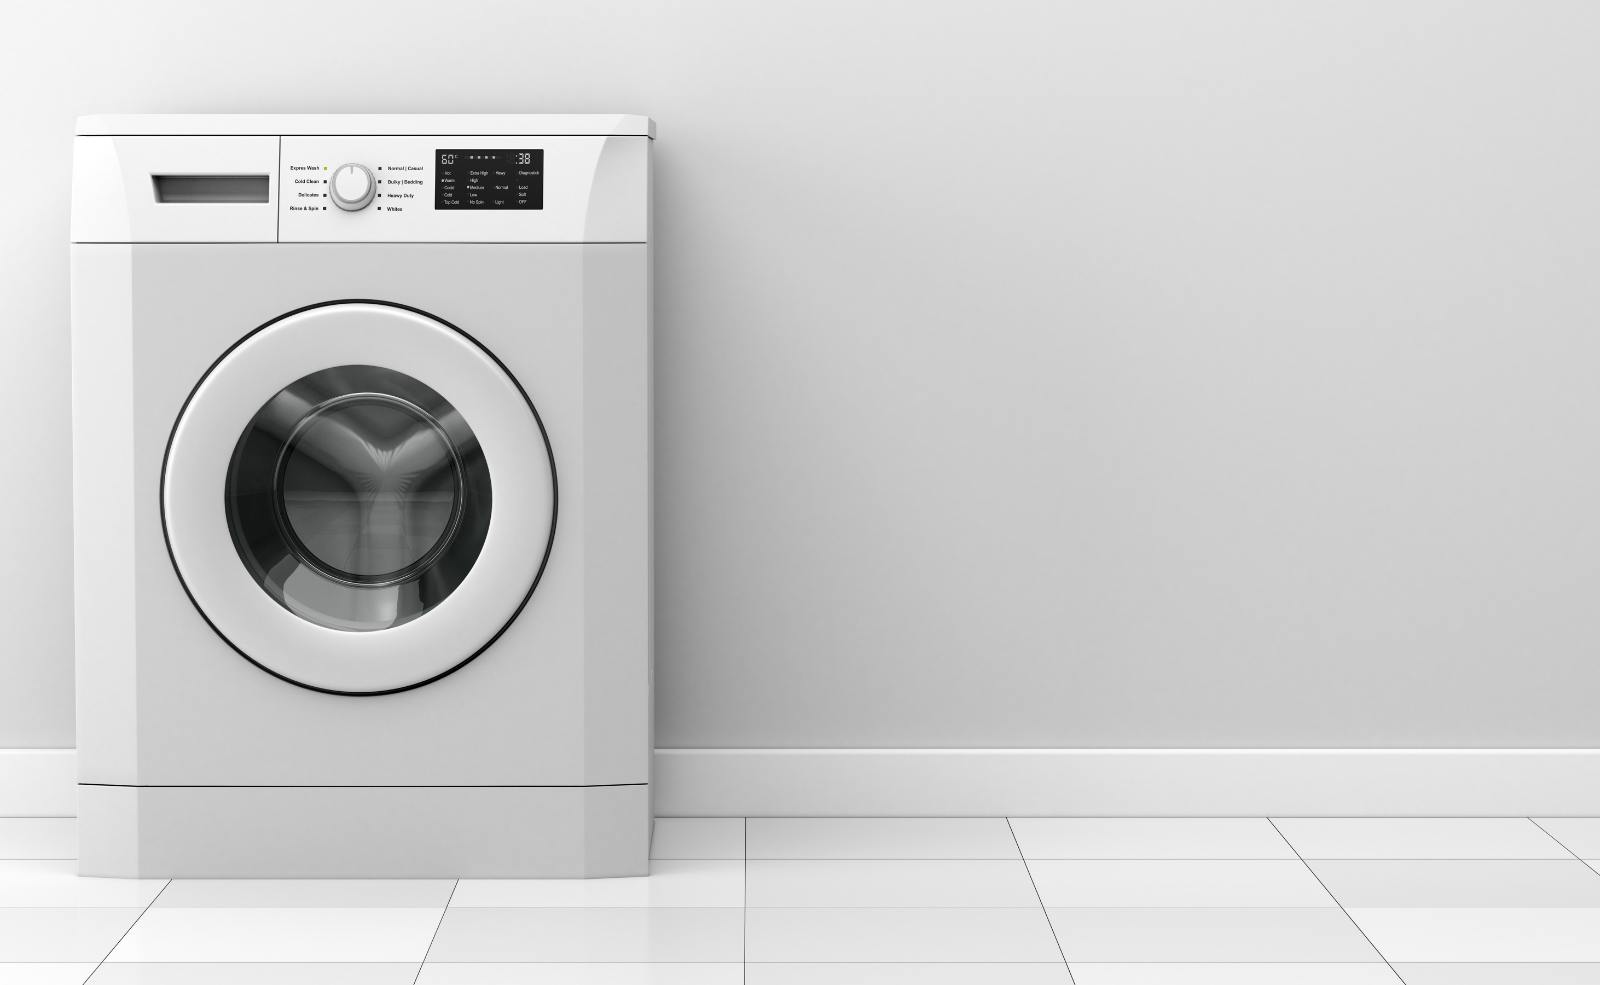 Waschmaschine liegend transportieren - Geht das?